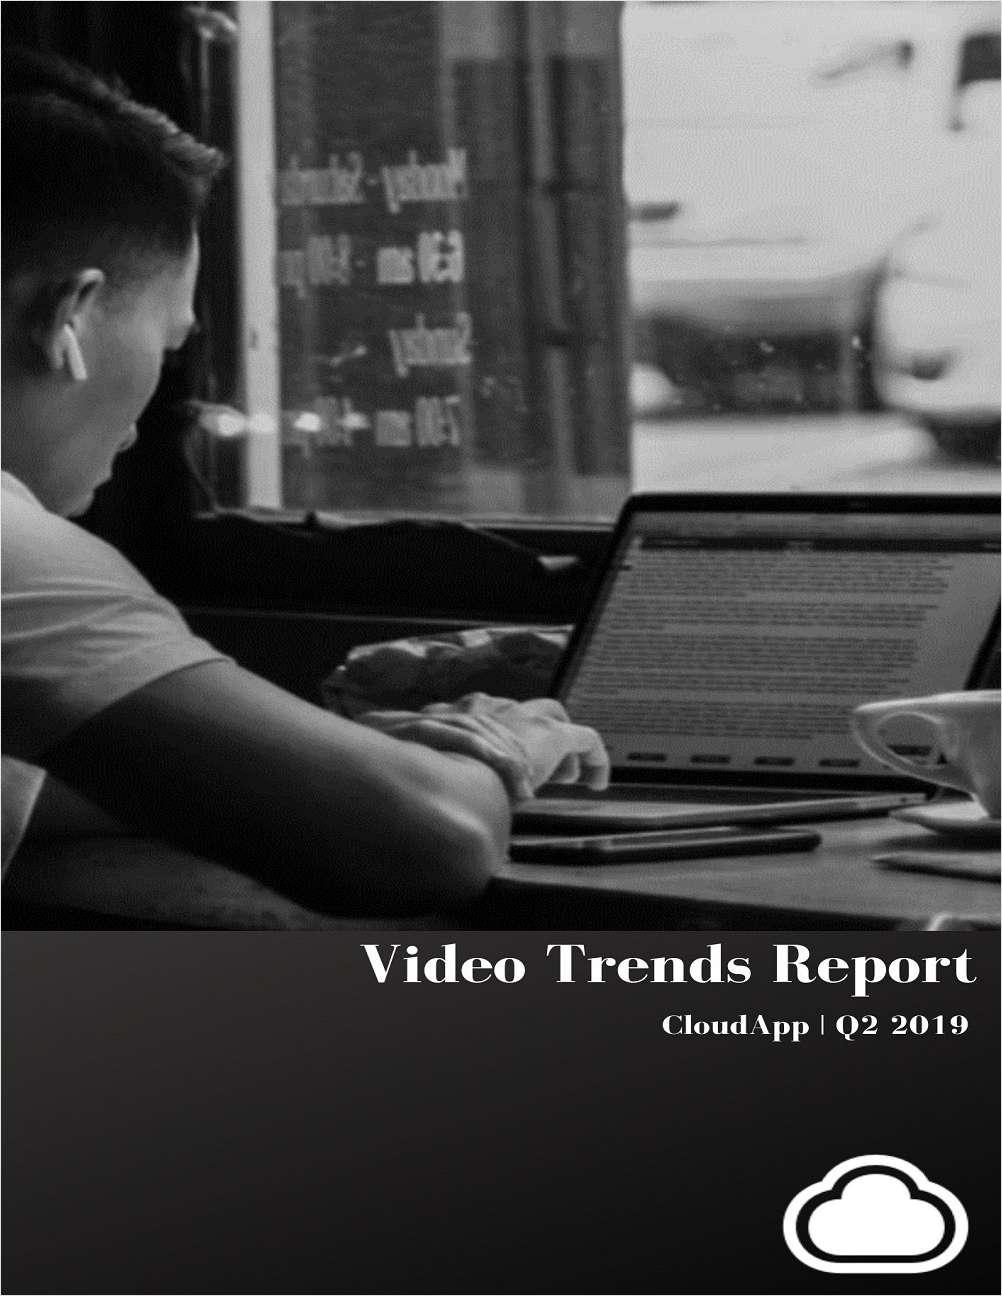 2019 Video Trends Report